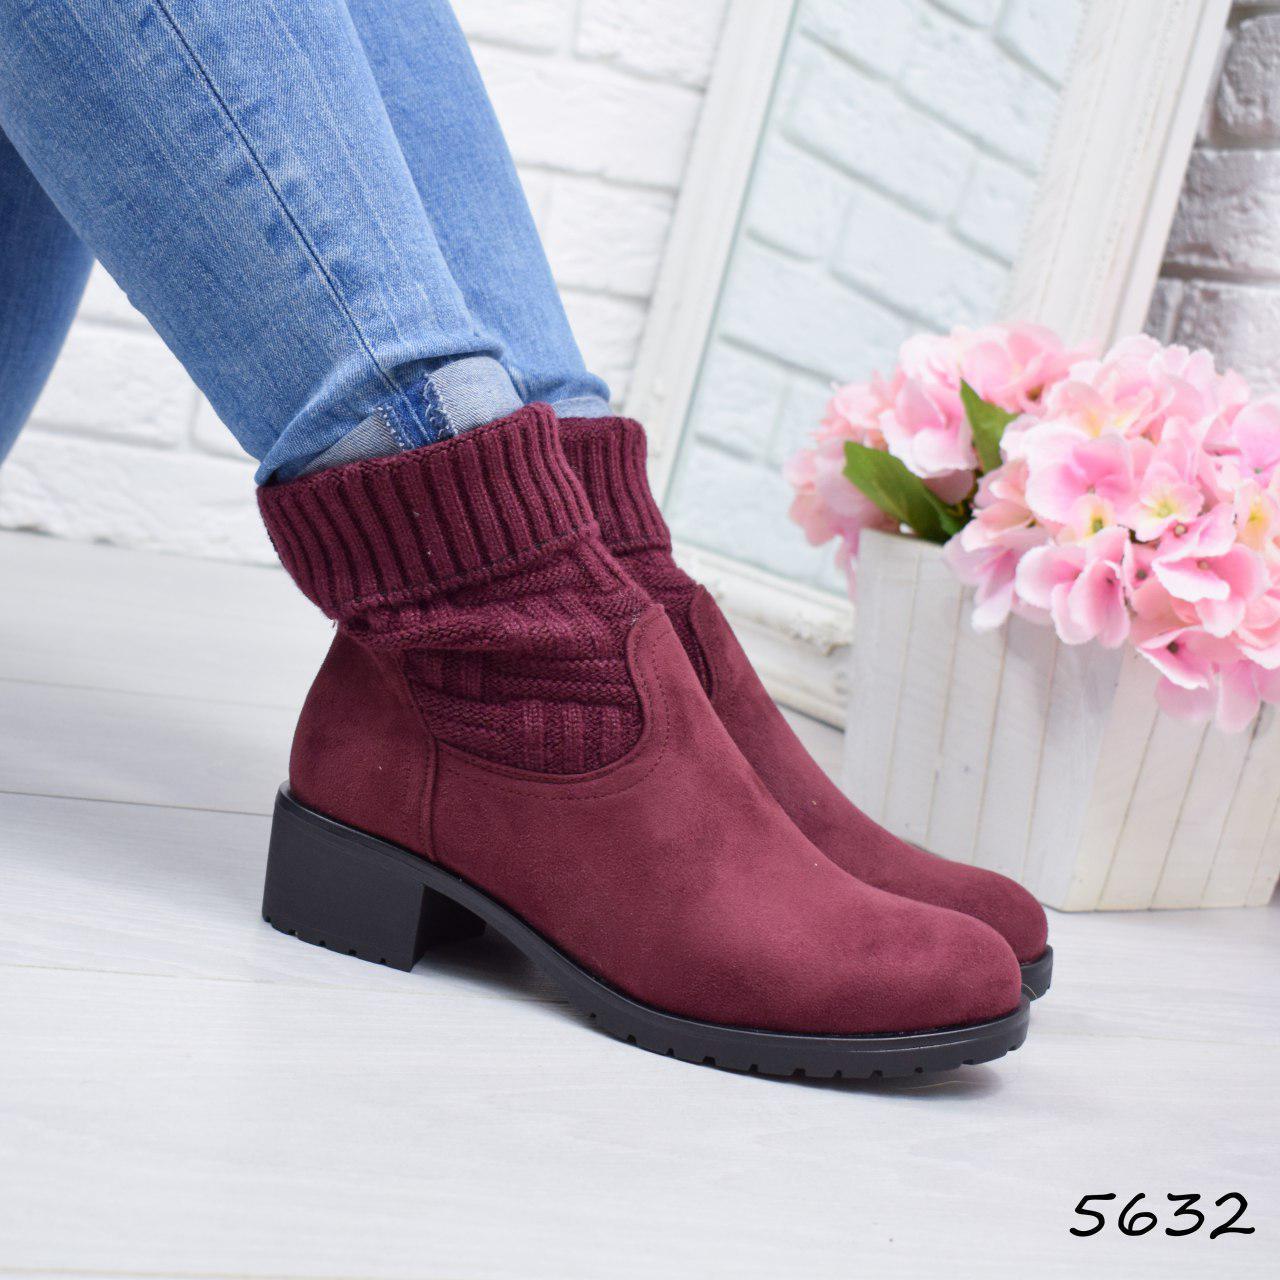 """Ботинки, ботильоны бордовые """"Melex"""" эко замша, повседневная, демисезонная, осенняя, женская обувь"""